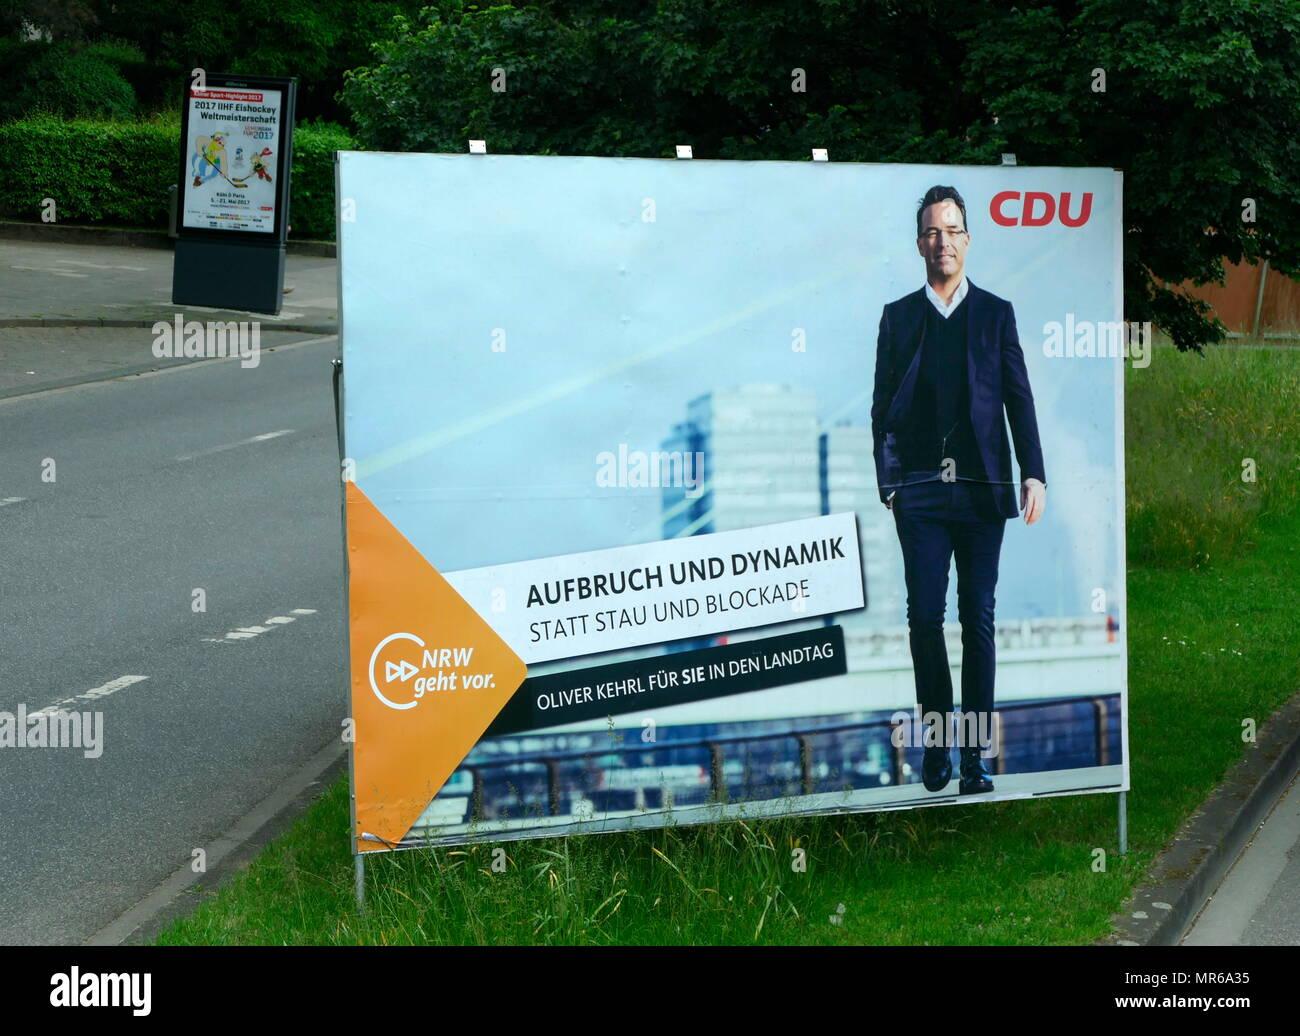 Poster für den CDU-Kandidaten, Oliver Kehrl, während der nordrhein-westfälischen Landtagswahl, Köln. Mai 2017 Stockbild